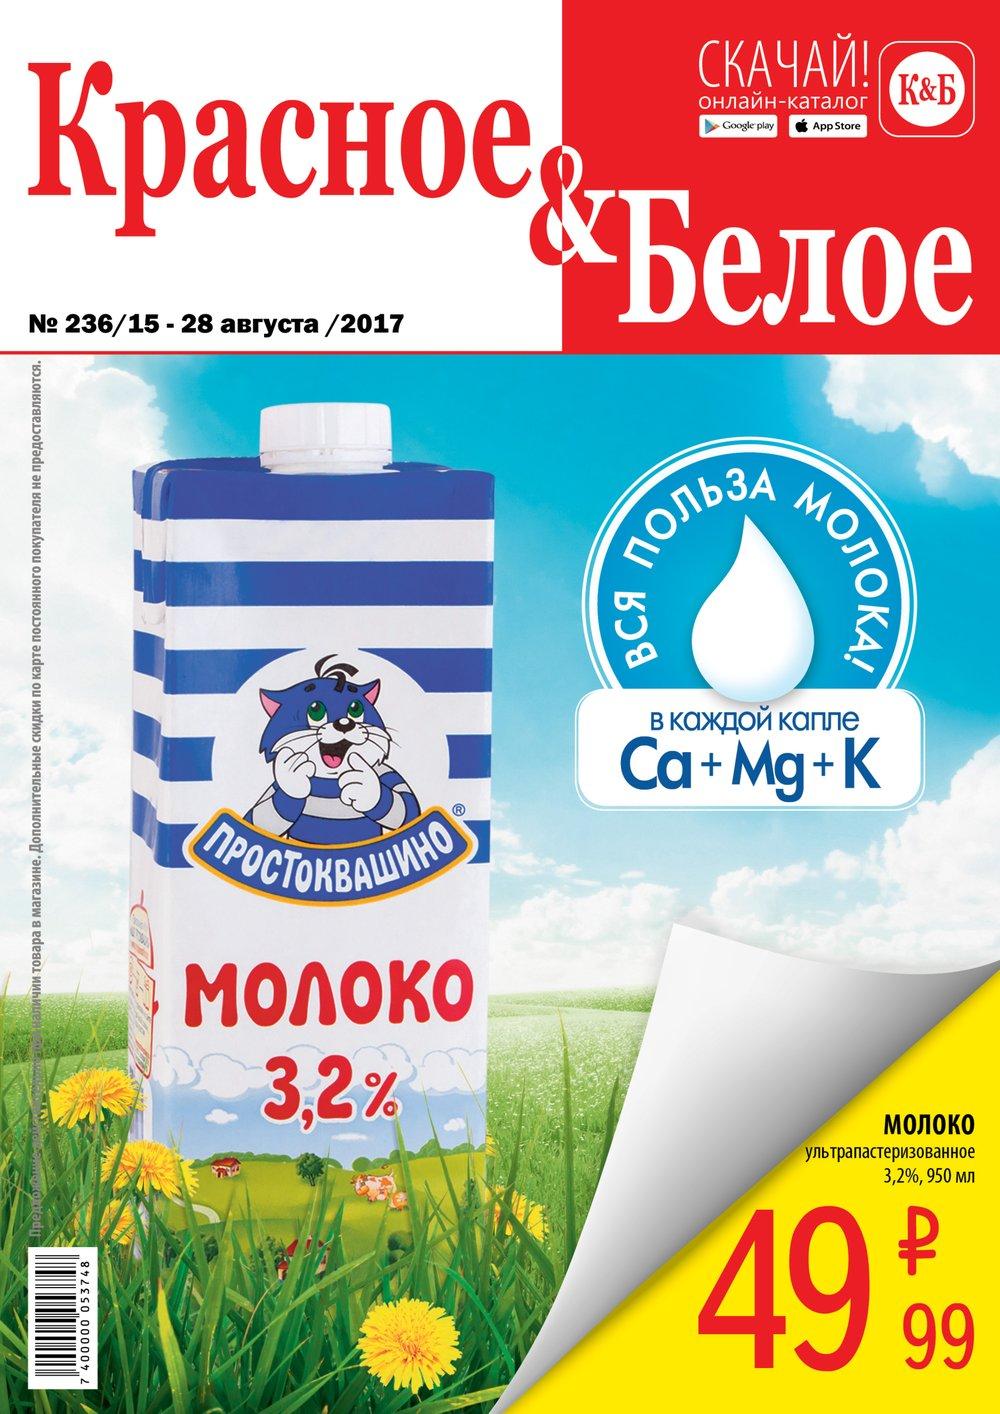 Каталог акций Красное и белое с 15 по 28 августа 2017 - стр. 1